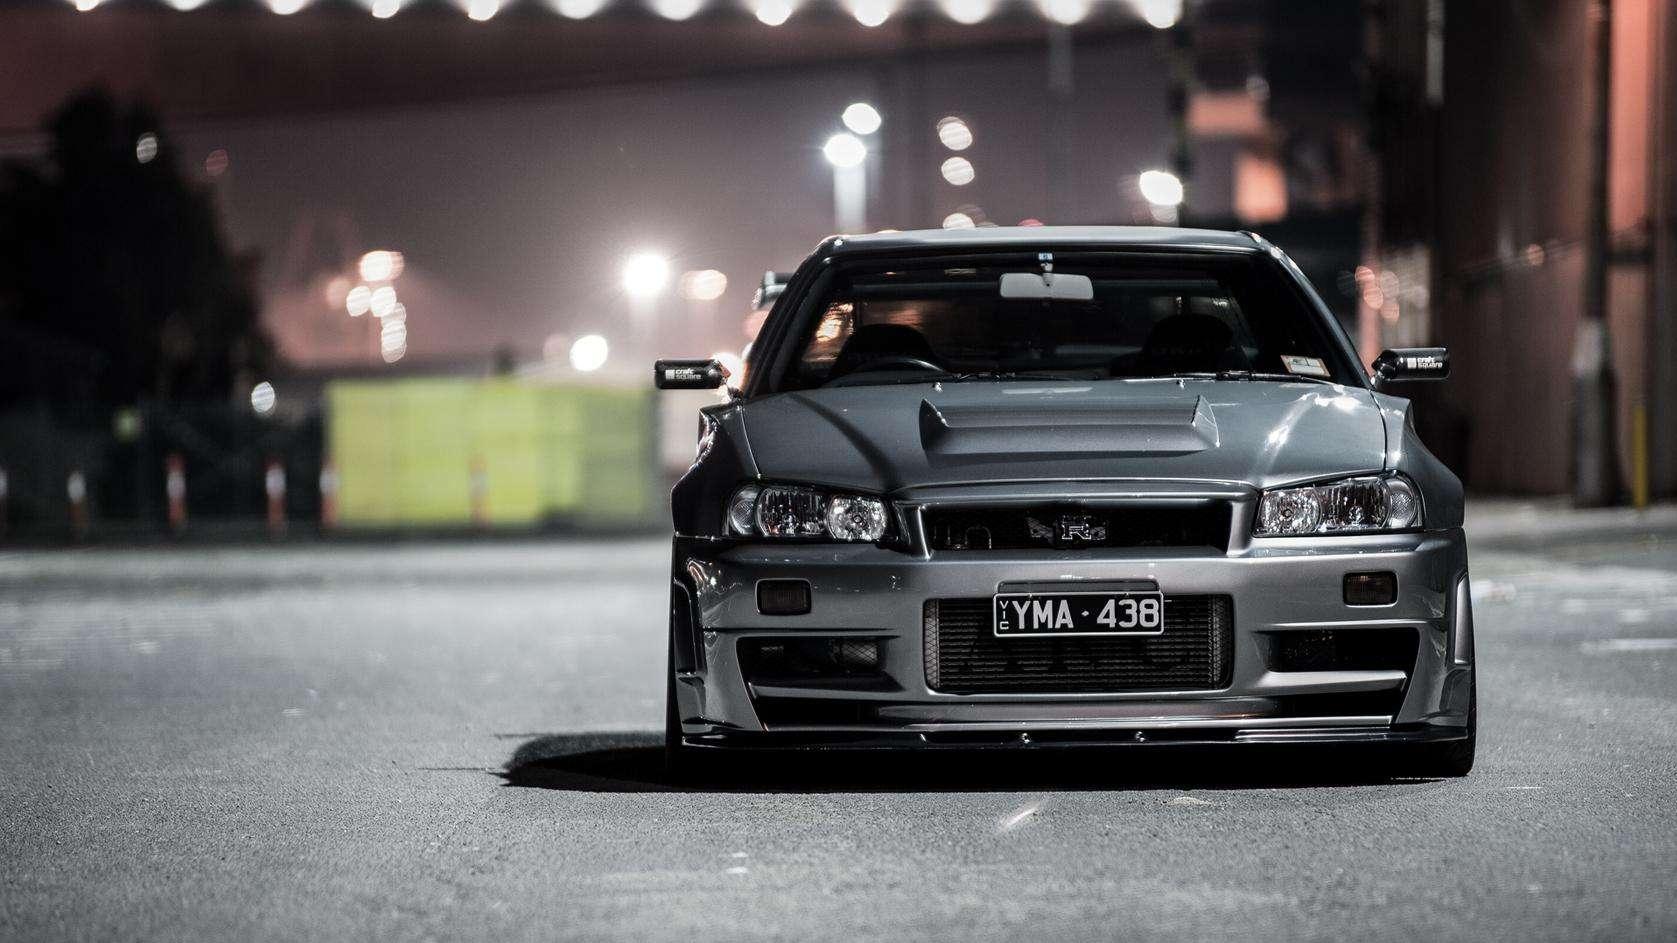 黑色GTR R34 稀货